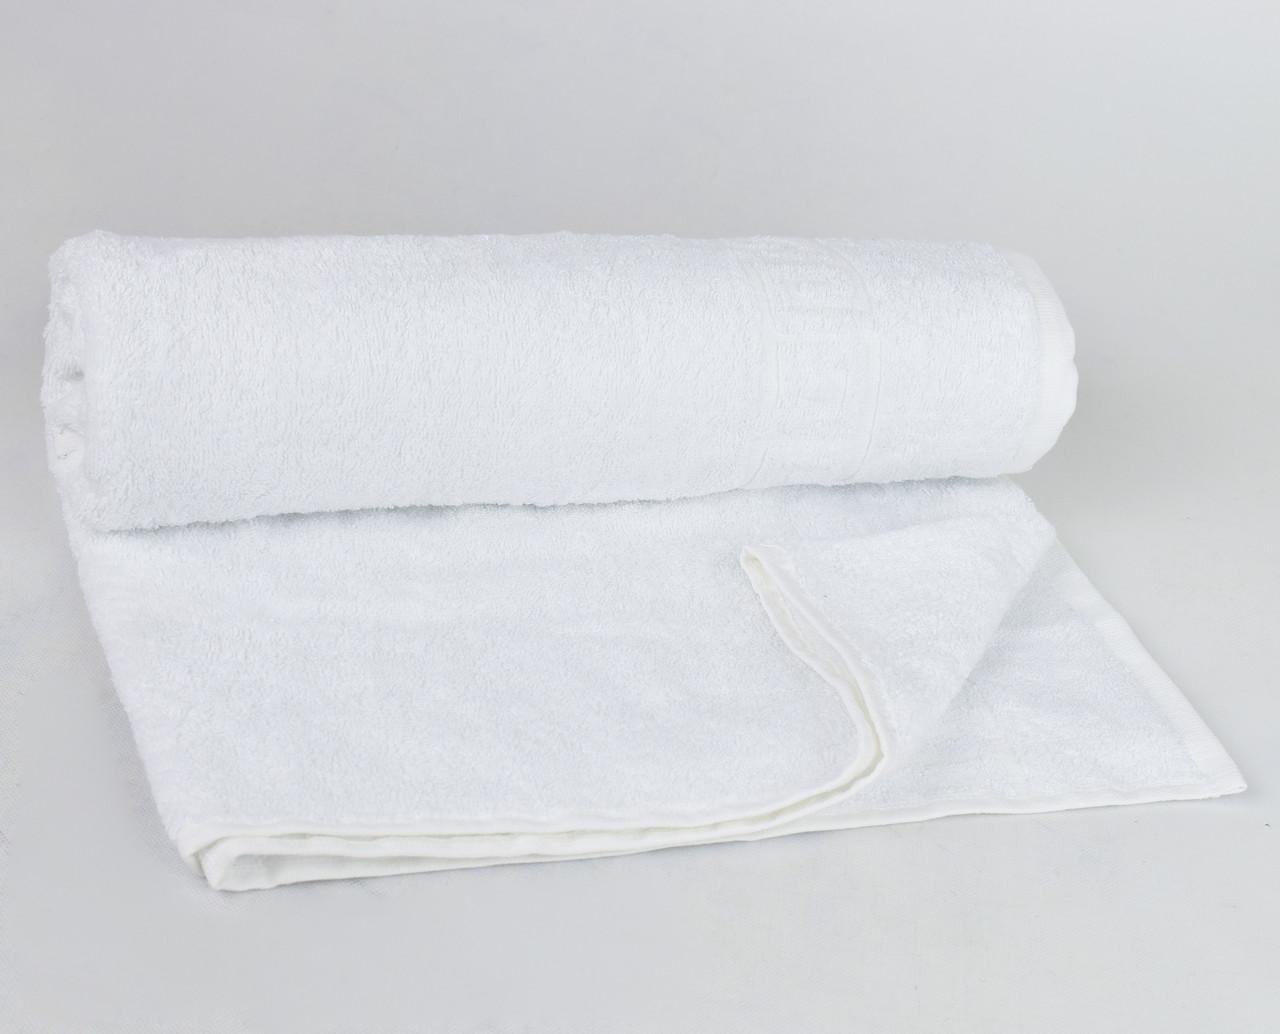 Сауна махровое полотенце Туркменистан 100 х 180 B5-3